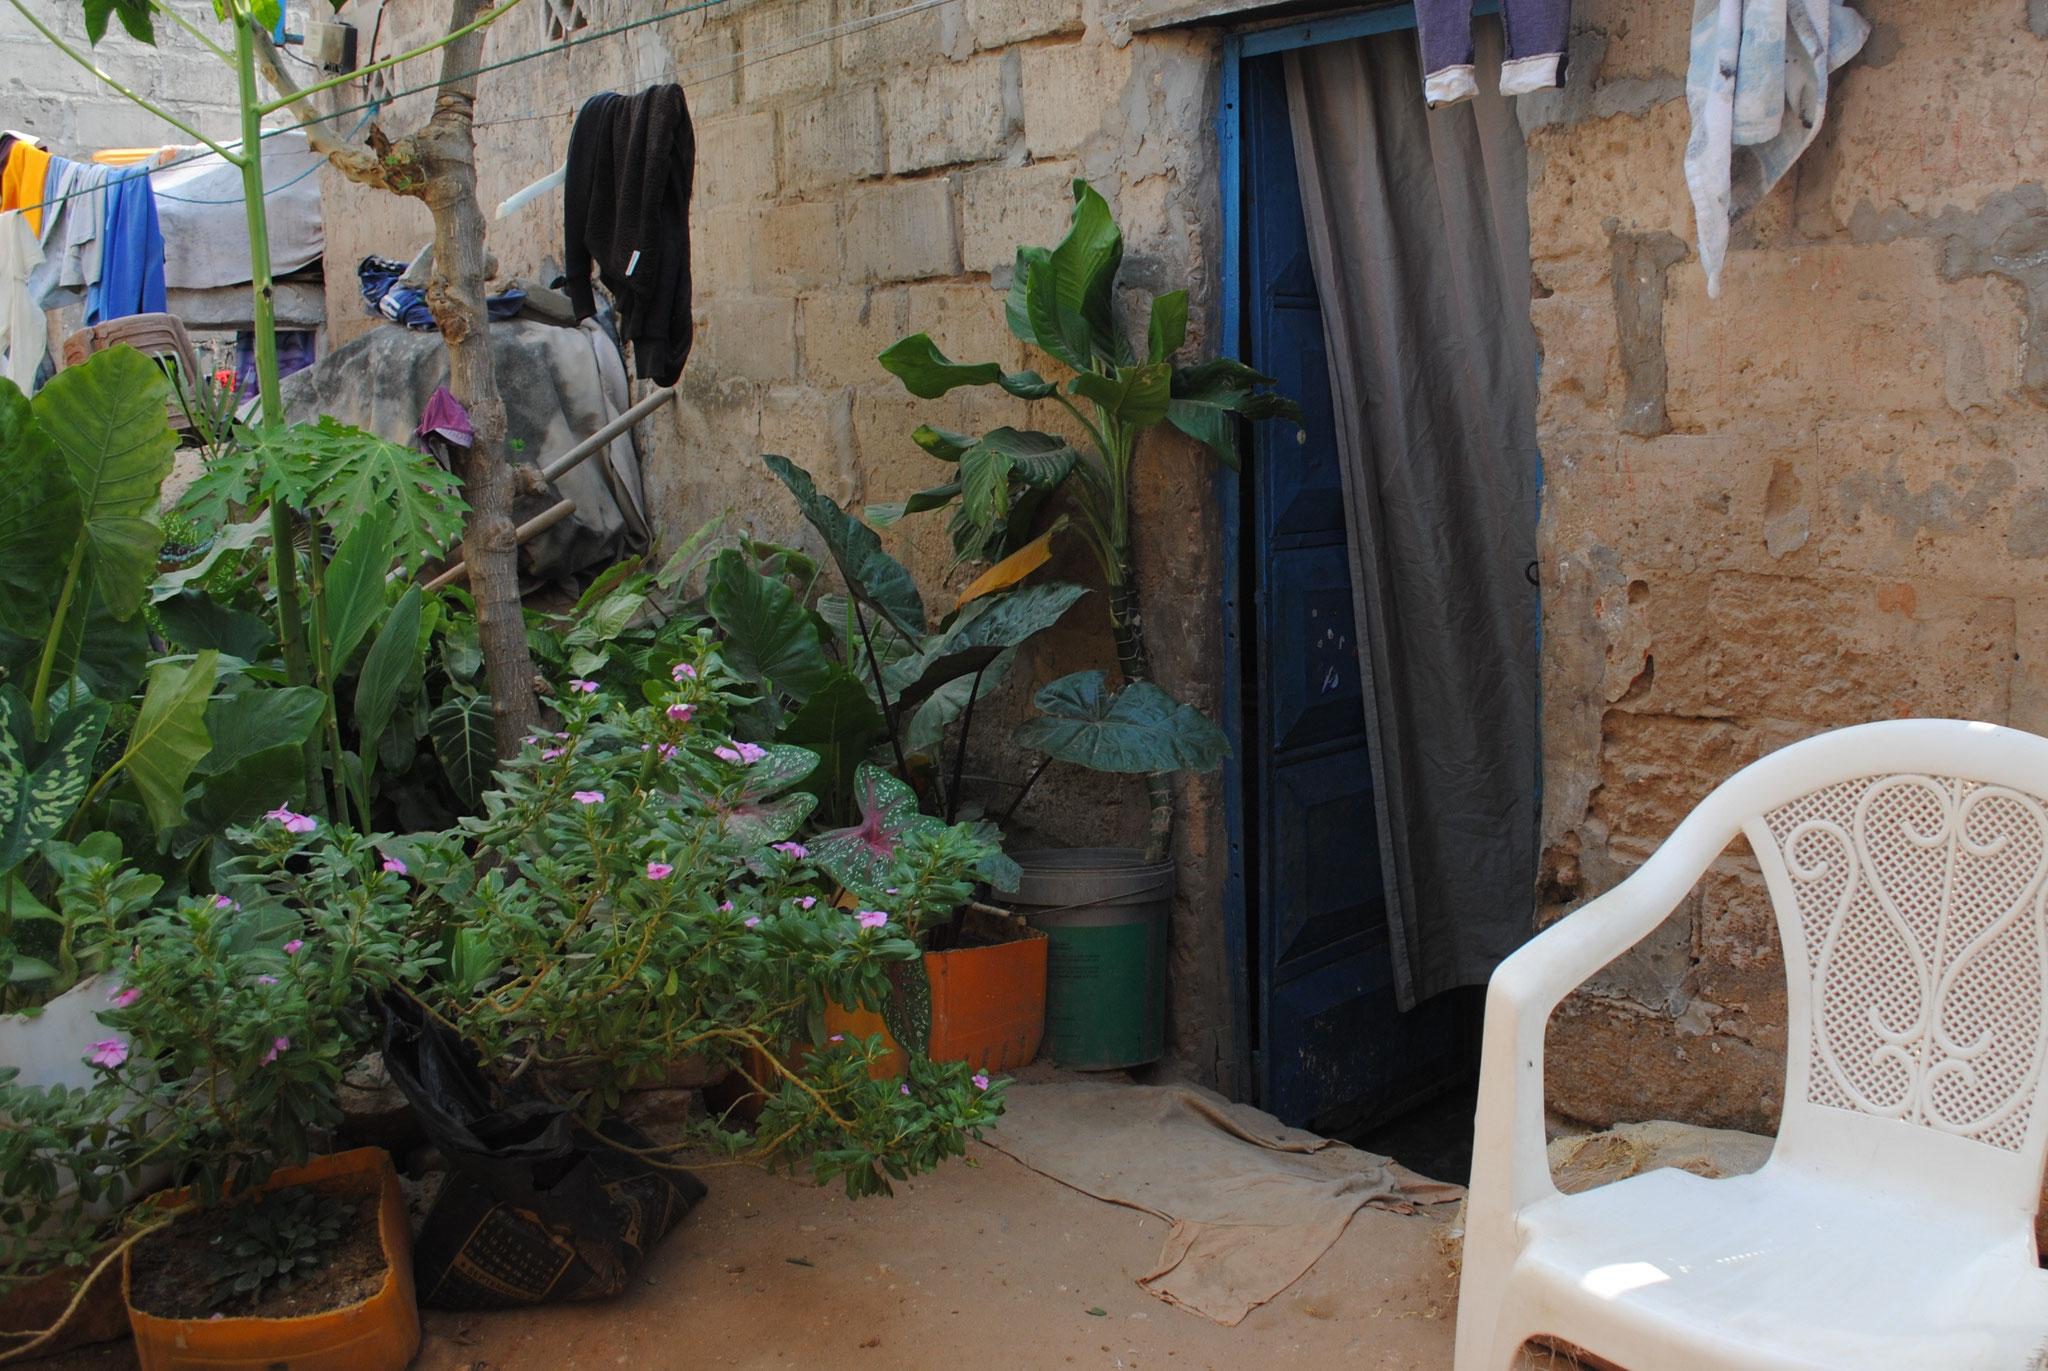 La petite maison d'enfance d'Osvaldo